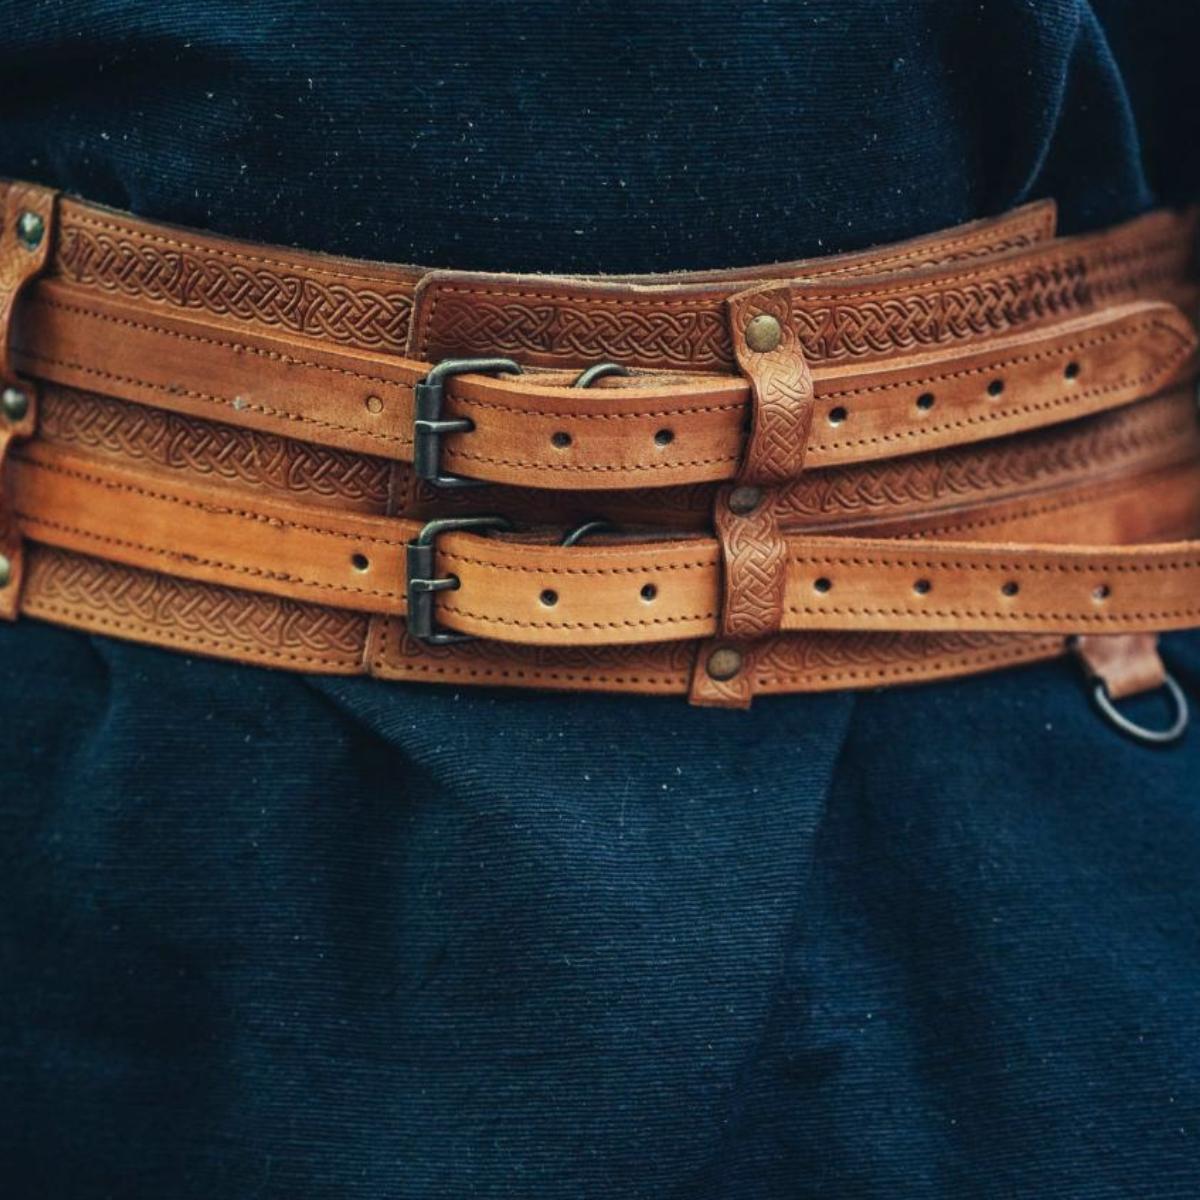 Boucle de ceinture motif germanique celtique pour hommes Boucle de ceinture